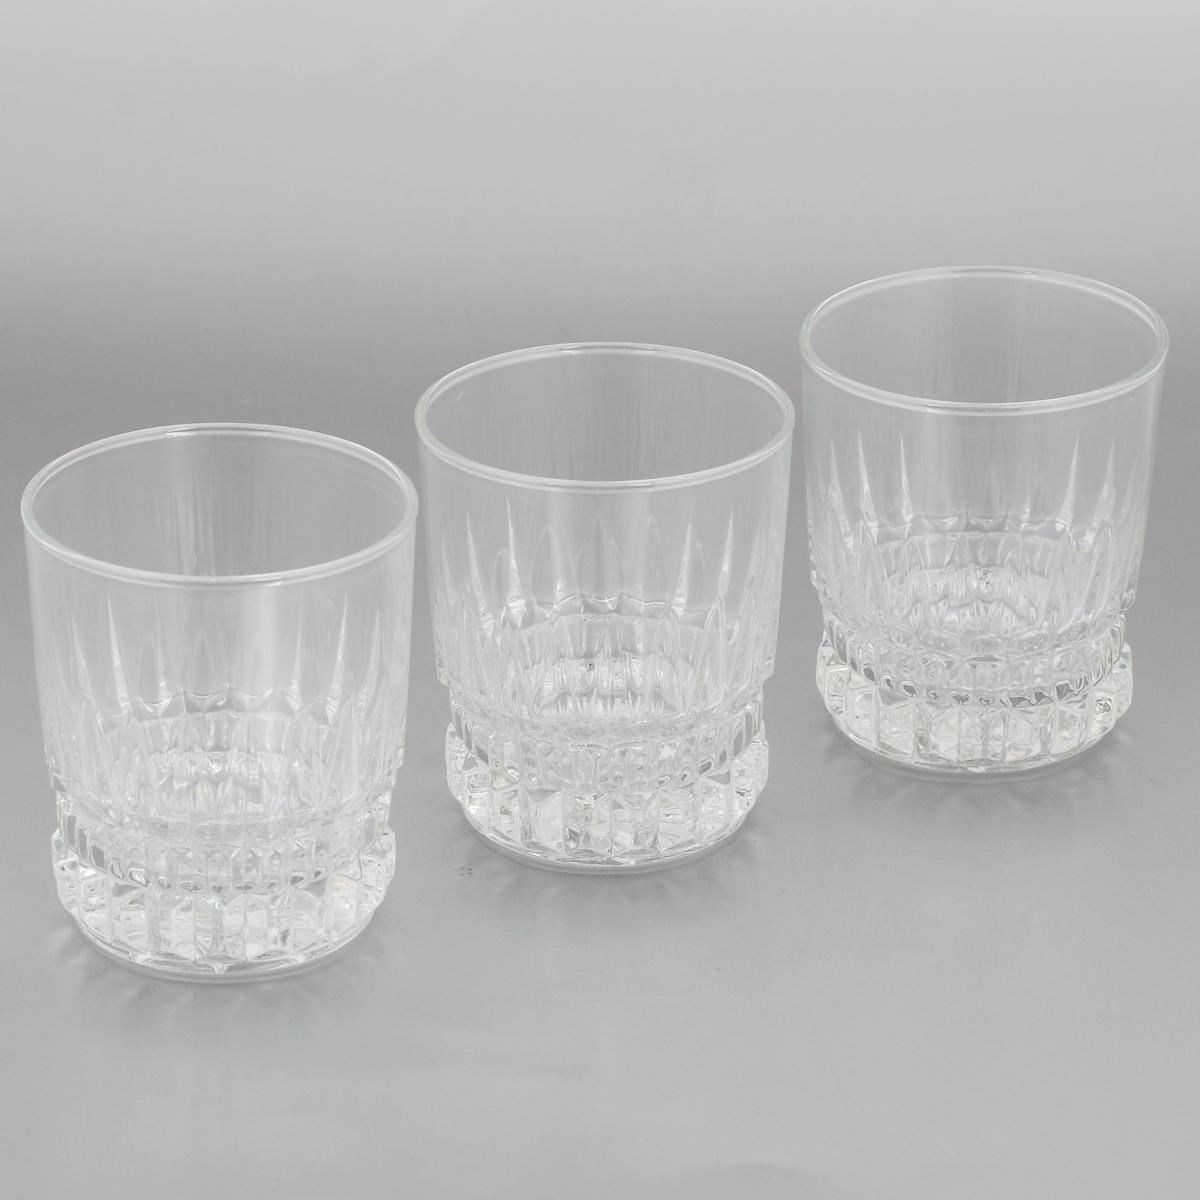 Набор стаканов Luminarc Imperator, 300 мл, 3 штE5183Набор Luminarc Imperator состоит из 3 граненых стаканов, выполненных из высококачественного стекла. Изделия имеют изысканный дизайн, утонченную форму и ослепительный блеск. Могут использоваться для алкогольных и безалкогольных напитков. Такой набор станет прекрасным дополнением сервировки стола, подойдет для ежедневного использования и для торжественных случаев. Можно мыть в посудомоечной машине. Диаметр стакана (по верхнему краю): 8 см.Высота: 9,5 см.